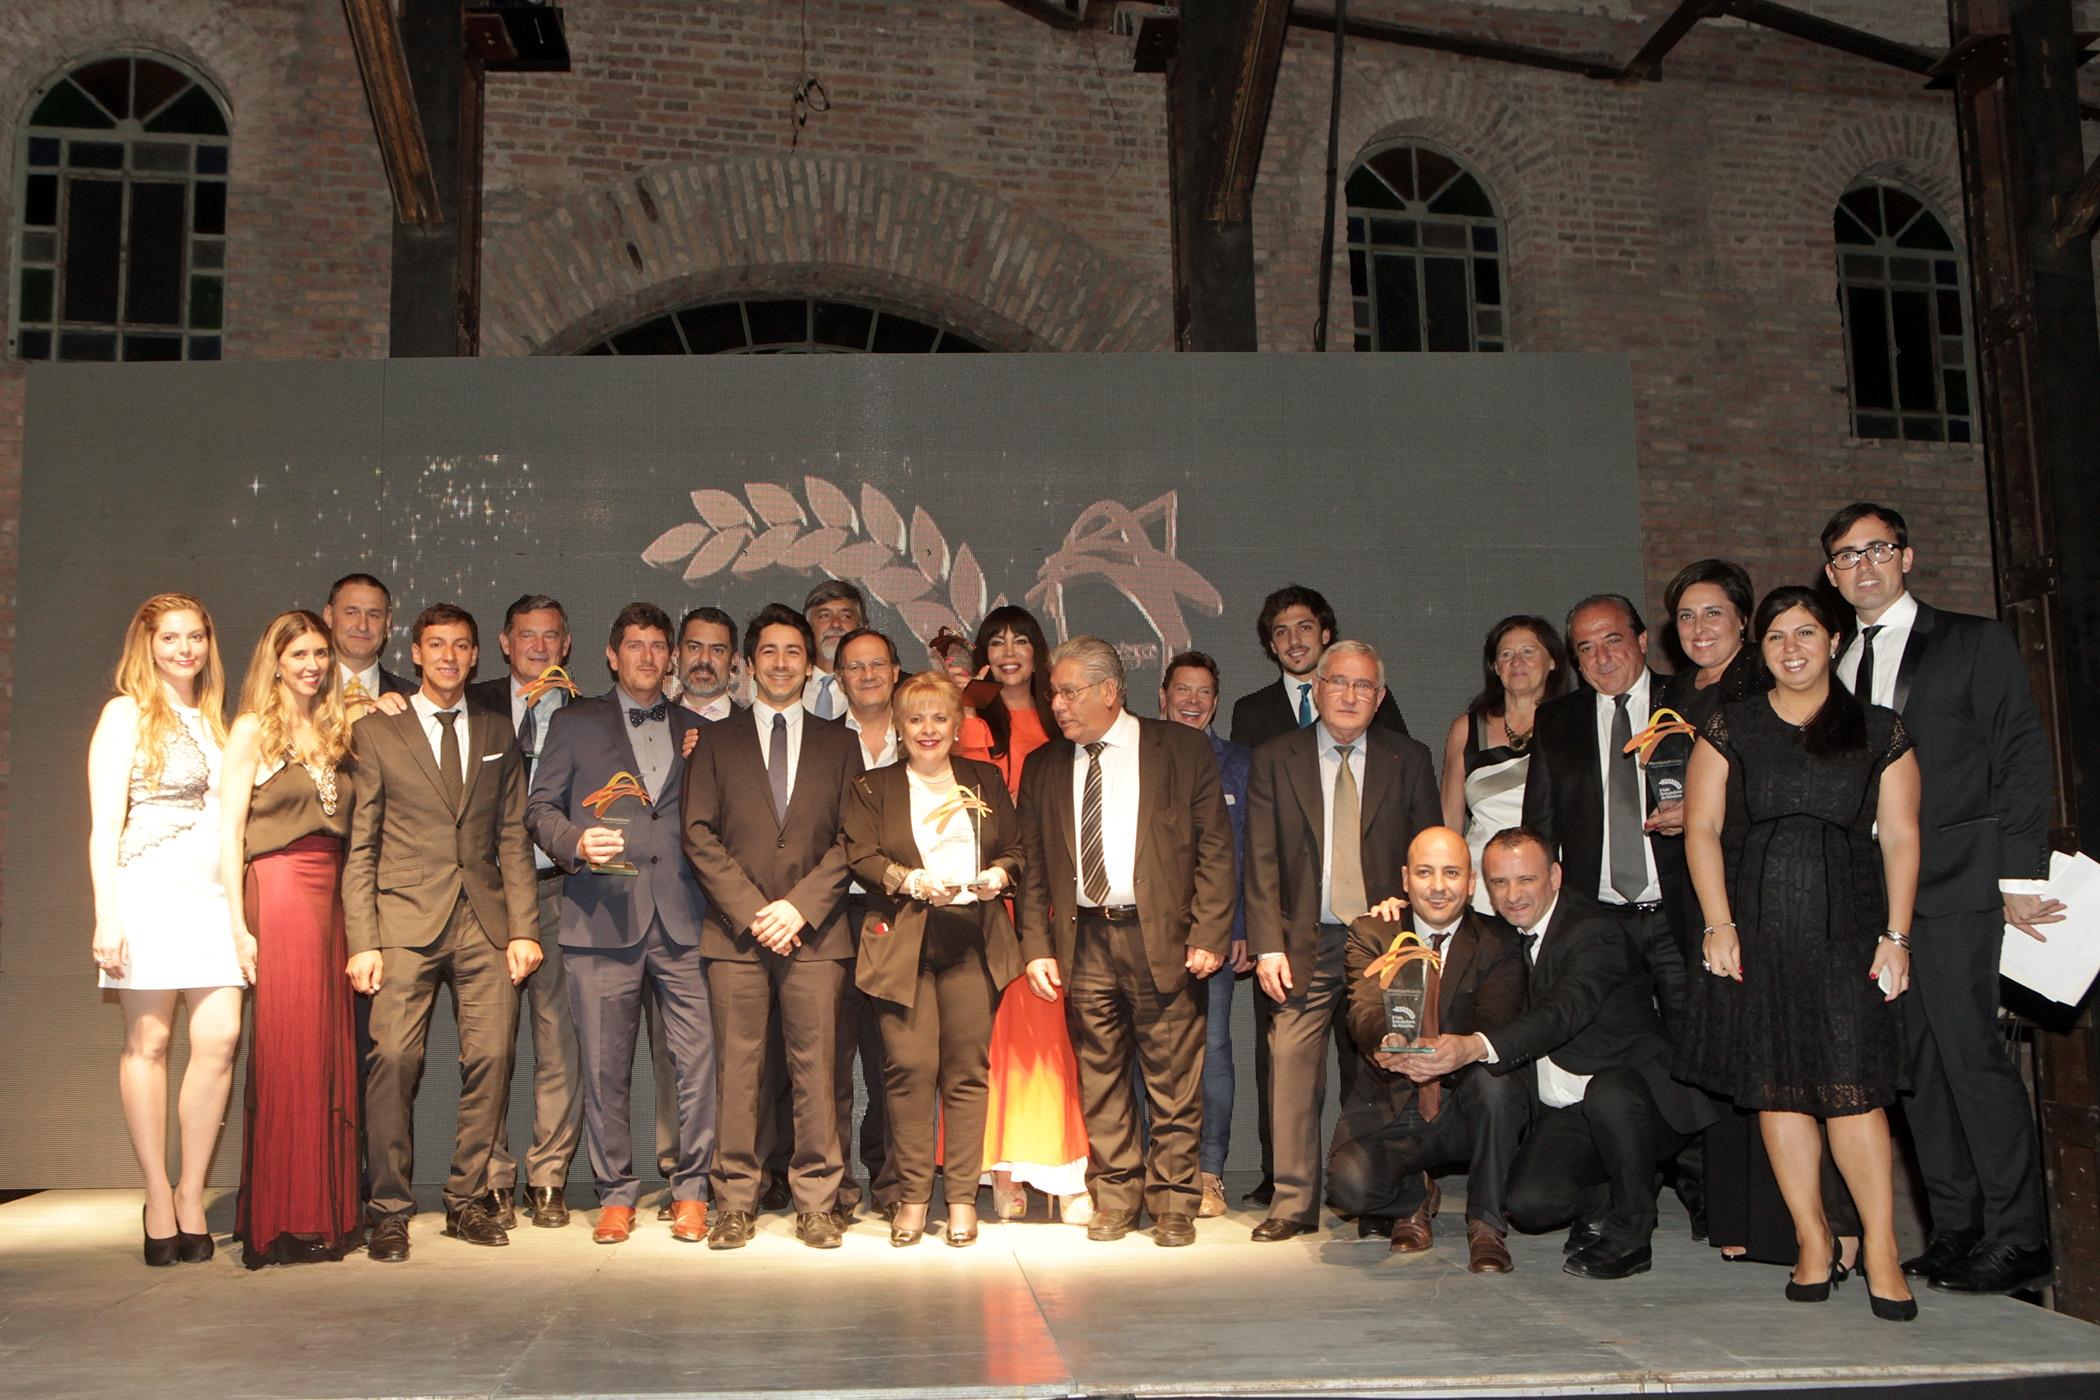 Se distinguió a los ?Embajadores? dos mil dieciseis del Turismo de asambleas en Mendoza